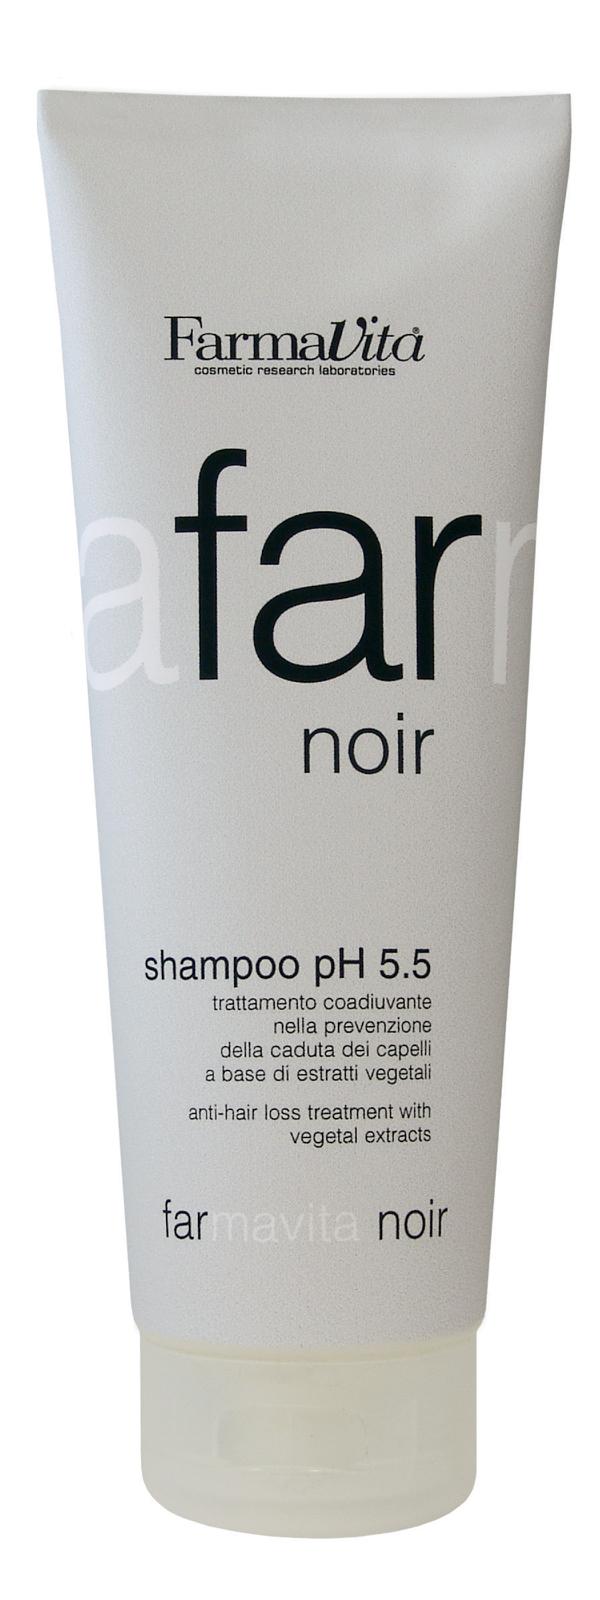 FARMAVITA Шампунь специальный д/мужчин Farmavita Noir Shampoo ph 5.5 / FARMAVITA NOIR LINE 250 мл